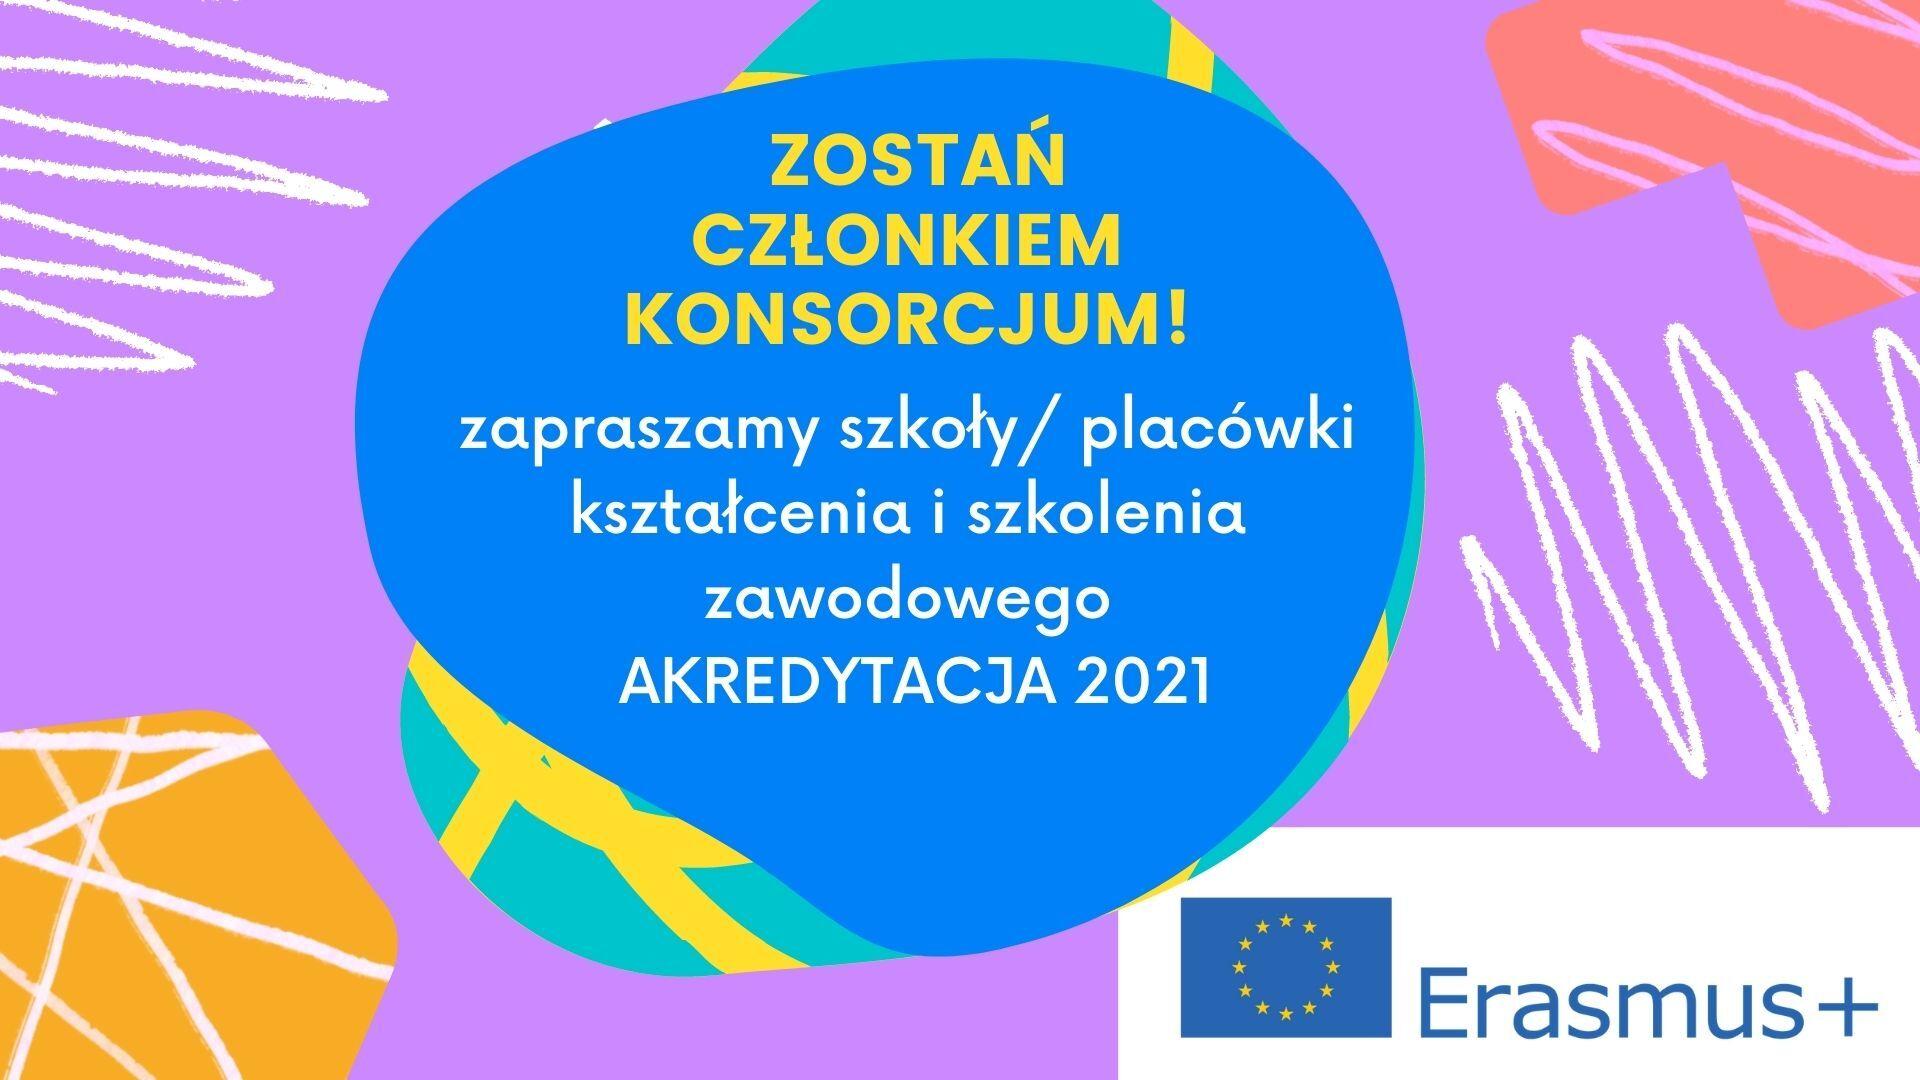 Grafika wektorowa (kolorowe tło) zapraszająca szkoły oraz placówki kształcenia i szkolenia zawodowego do zostania członkiem konsorcjum.